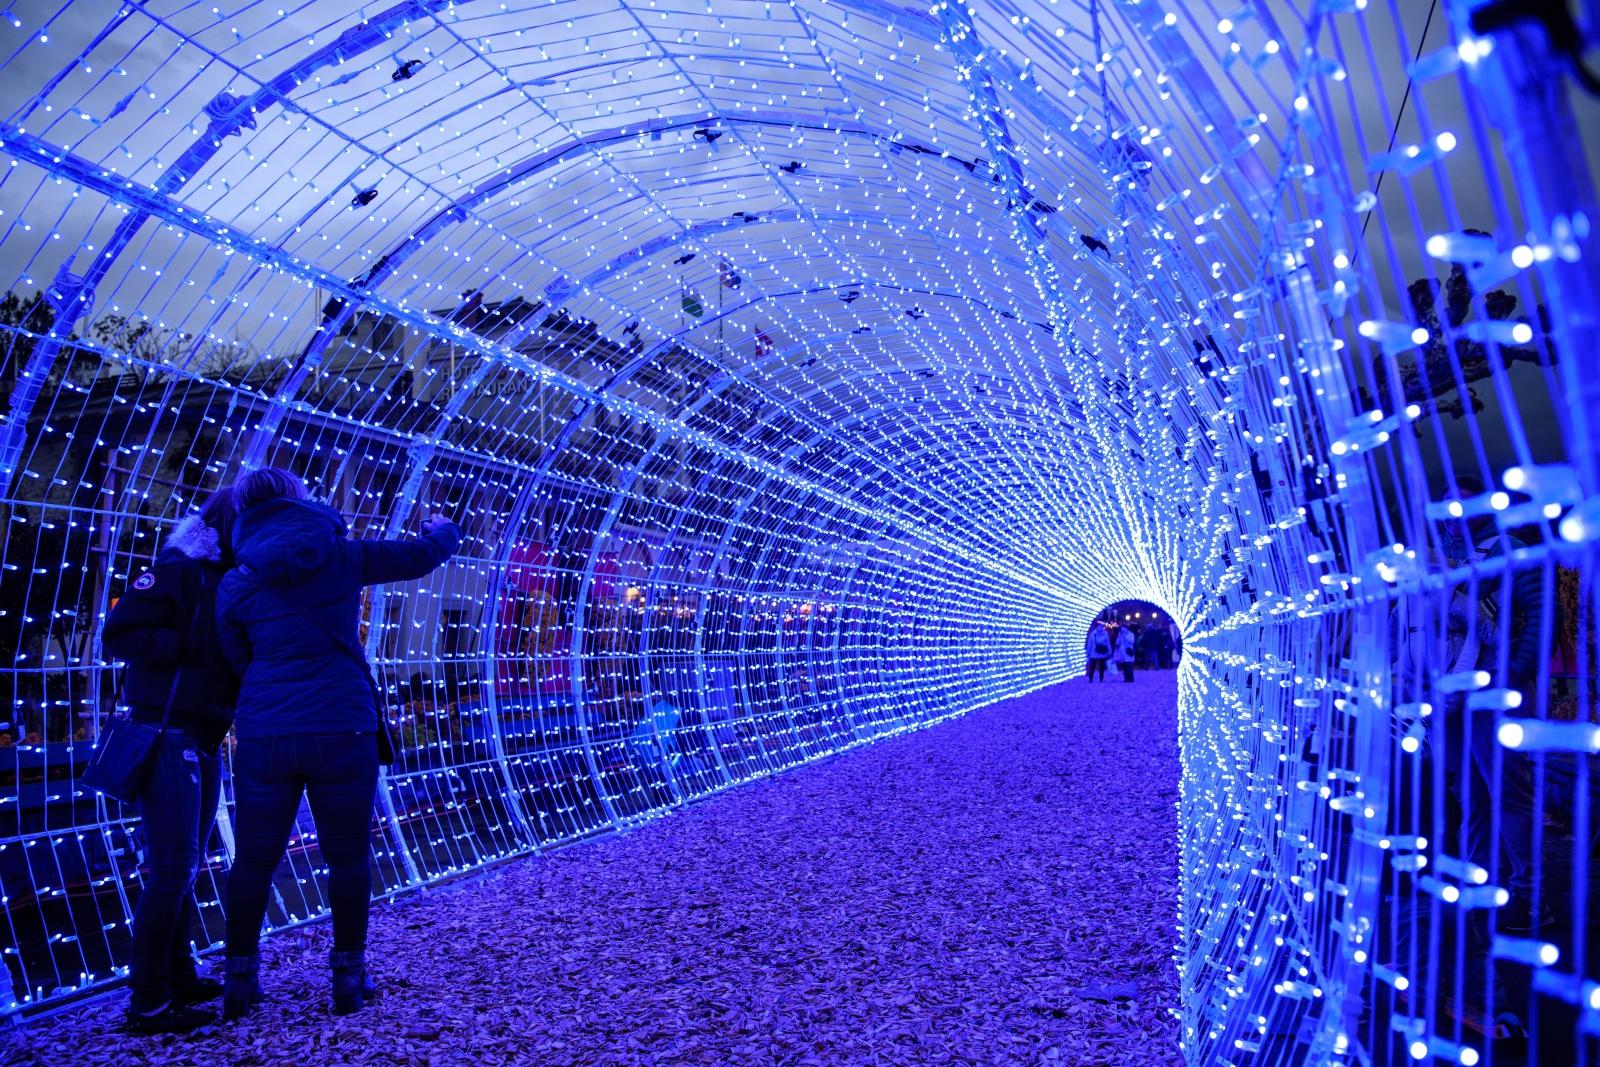 Najdłuższy tunel świetlny w Europie - Szwajcaria EPA/LAURENT GILLIERON